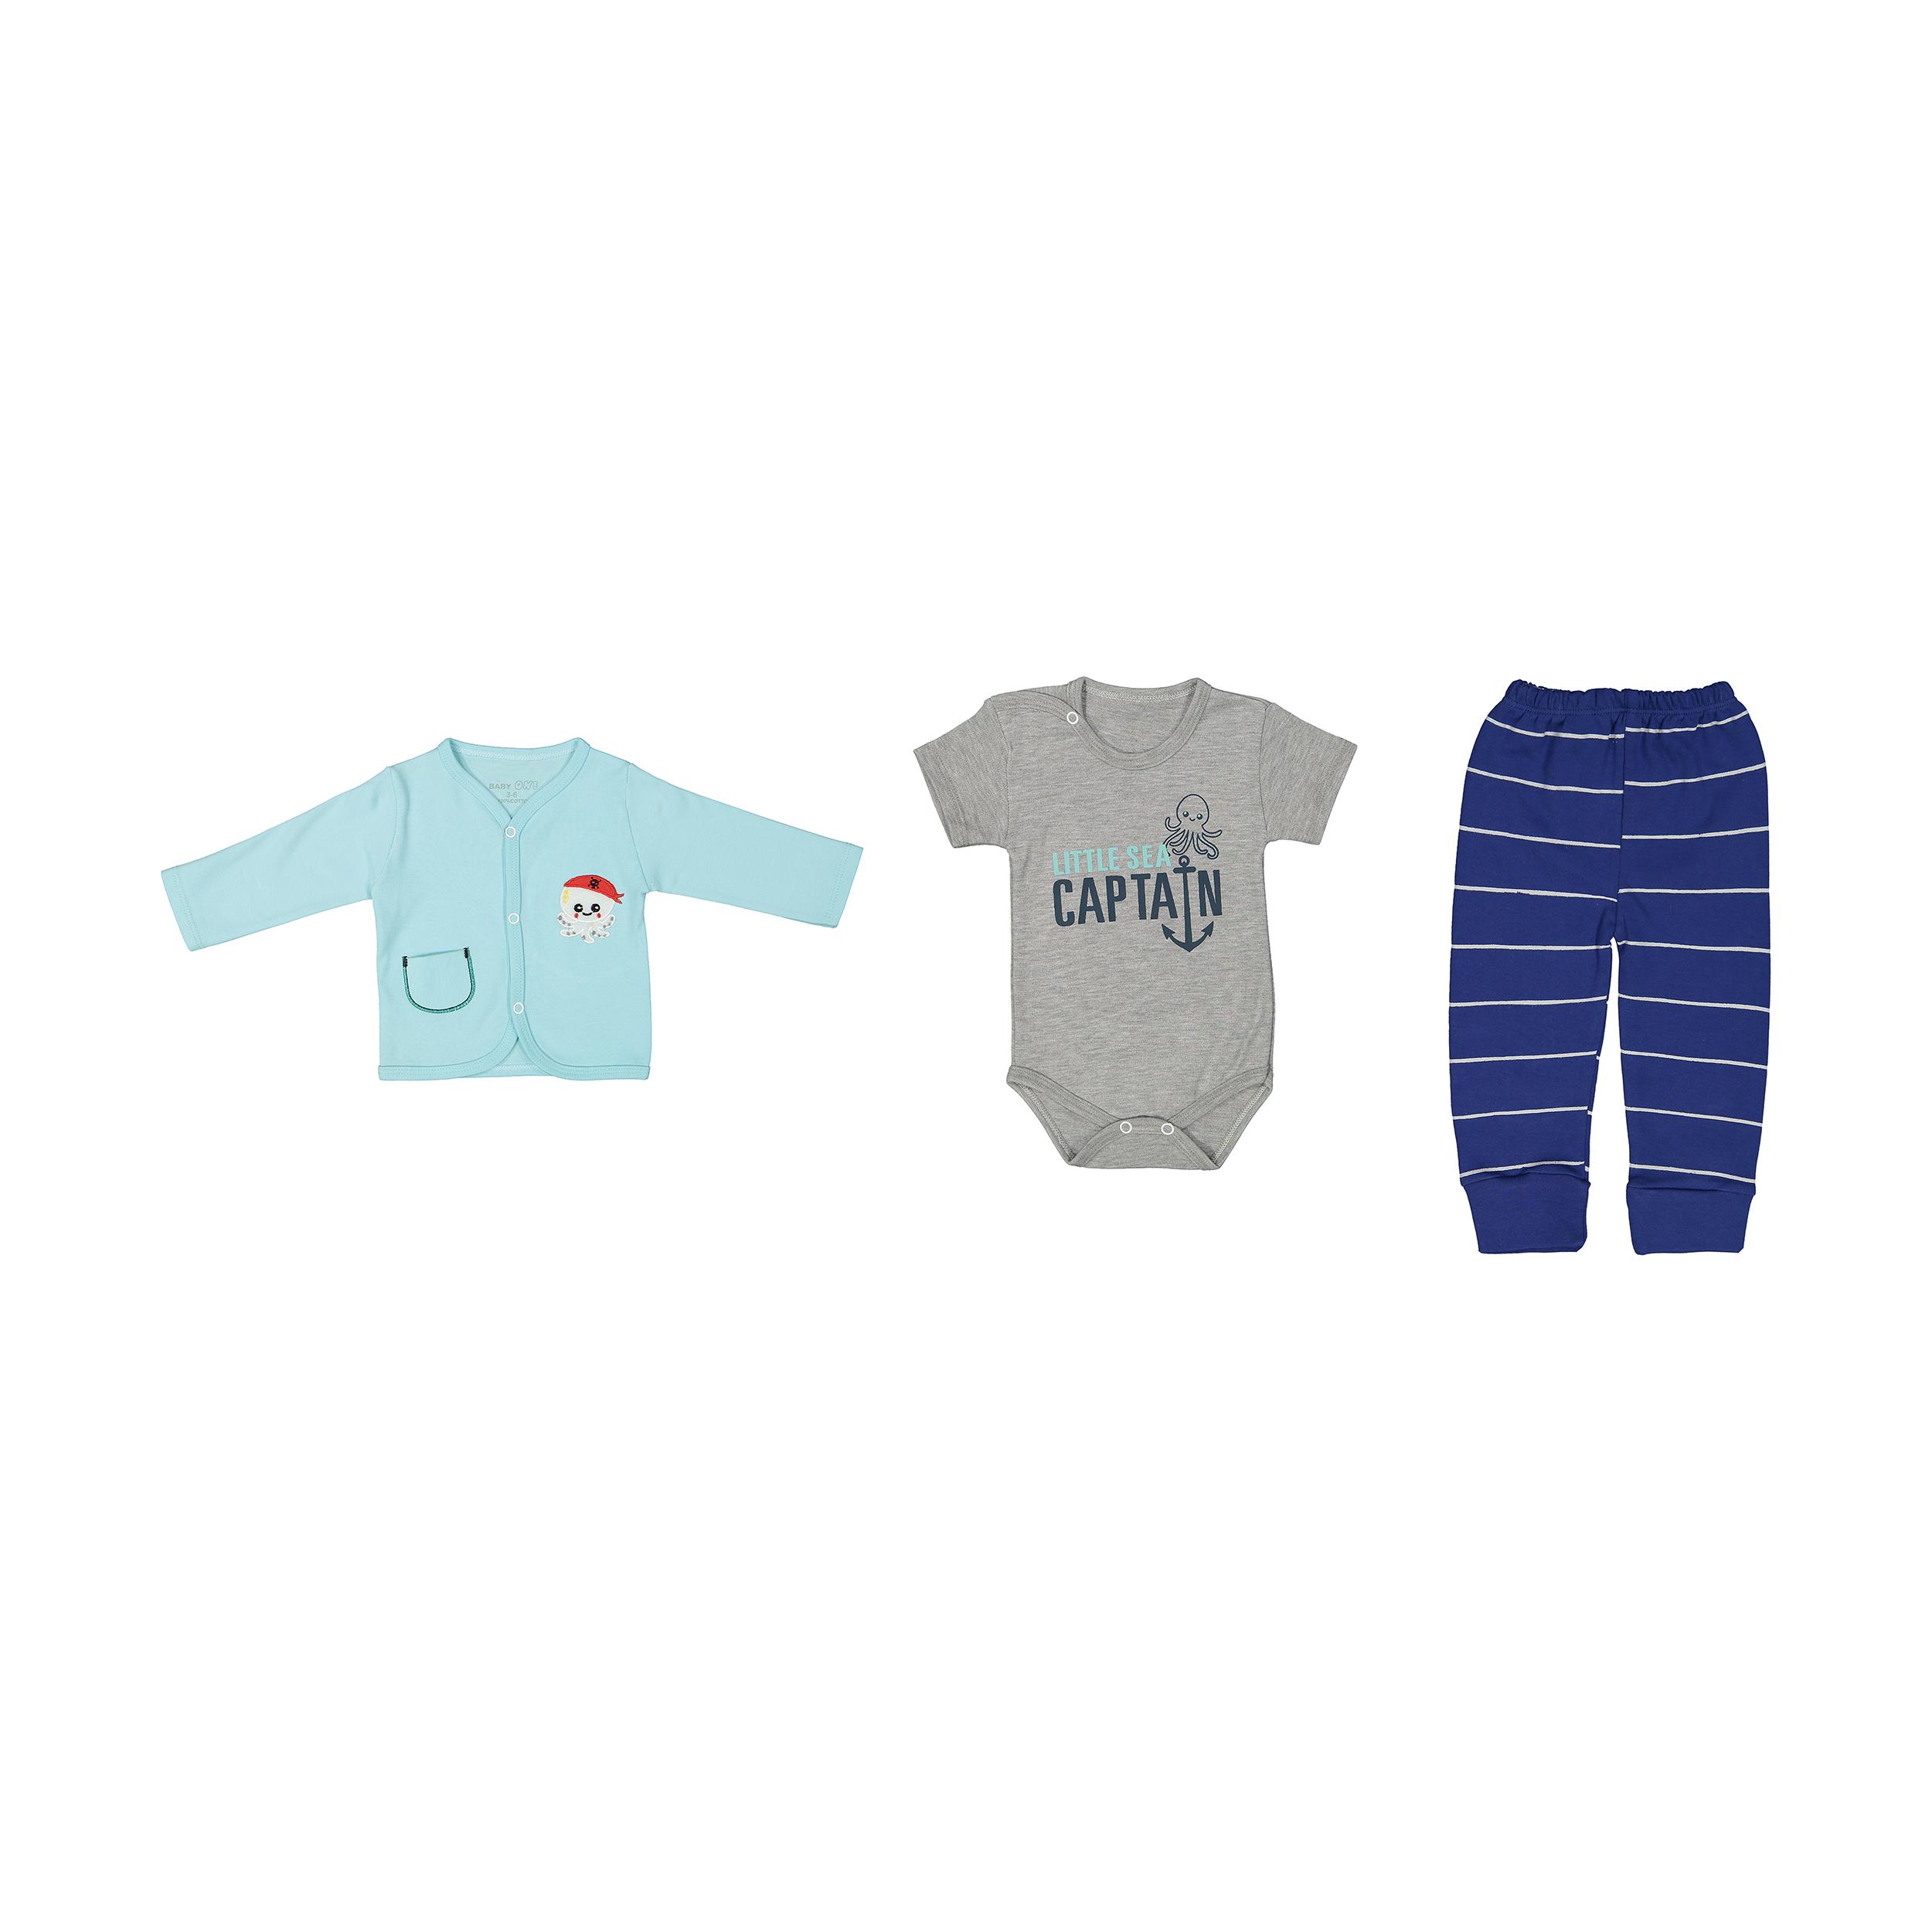 ست 3 تکه لباس نوزاد بی بی وان طرح هشت پا کد 436